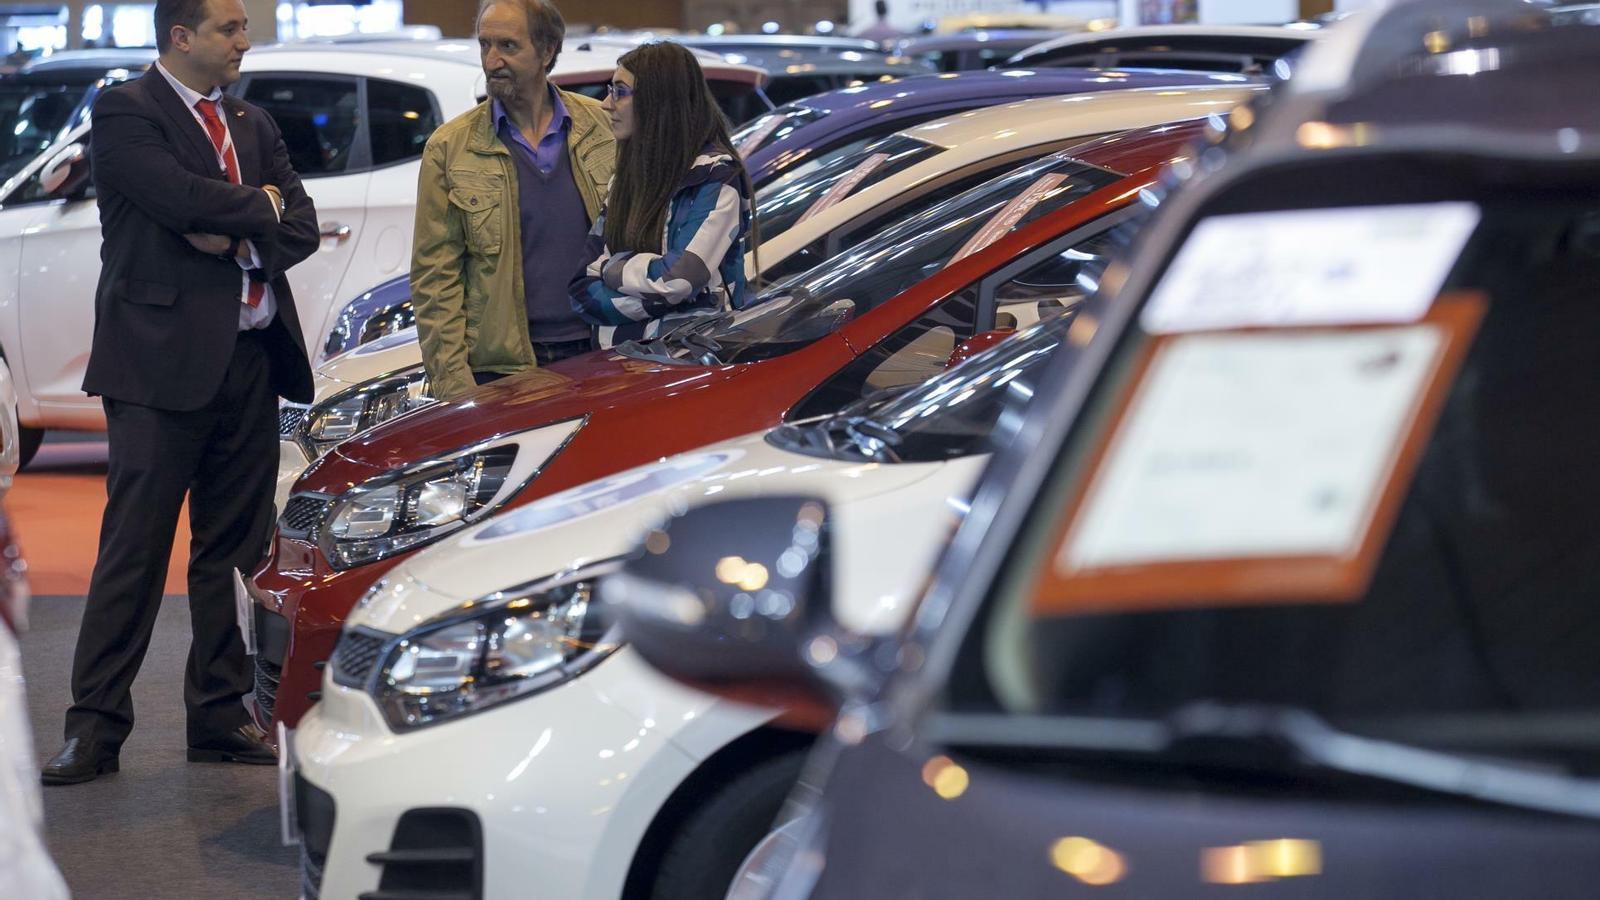 És bon moment per comprar un cotxe nou?